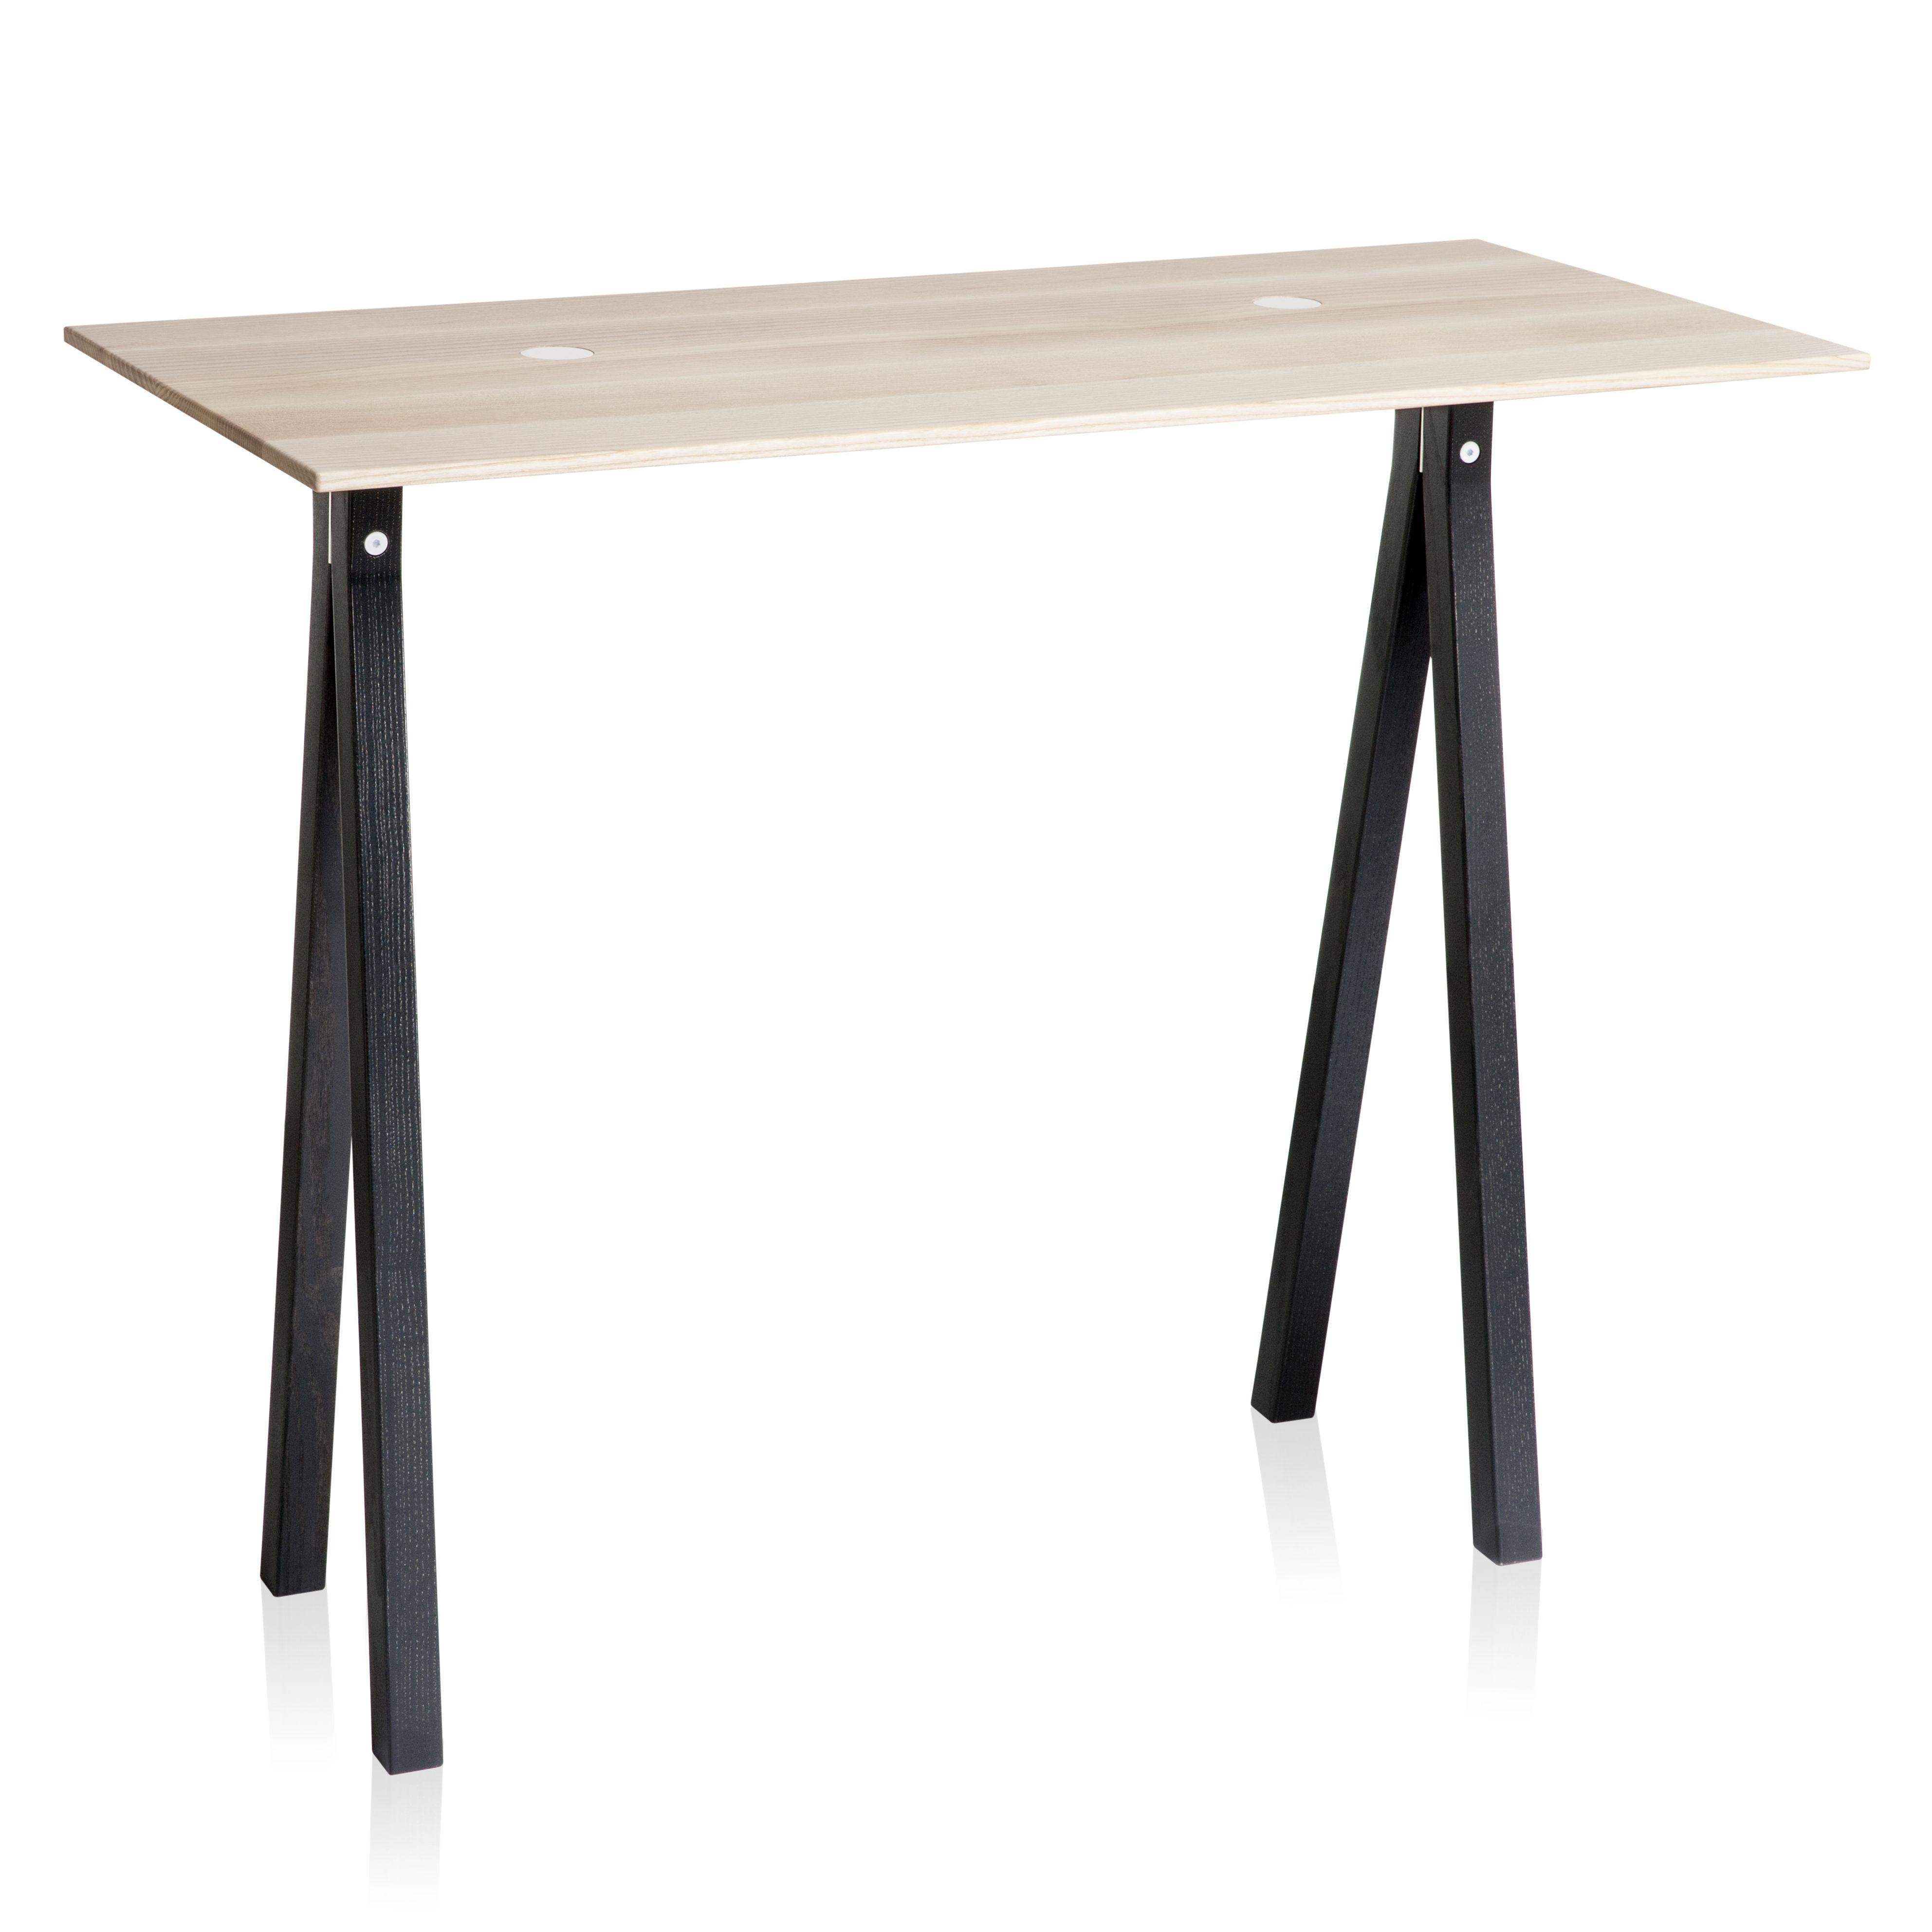 console 2 dots l 90 cm bois pastilles blanches pieds. Black Bedroom Furniture Sets. Home Design Ideas